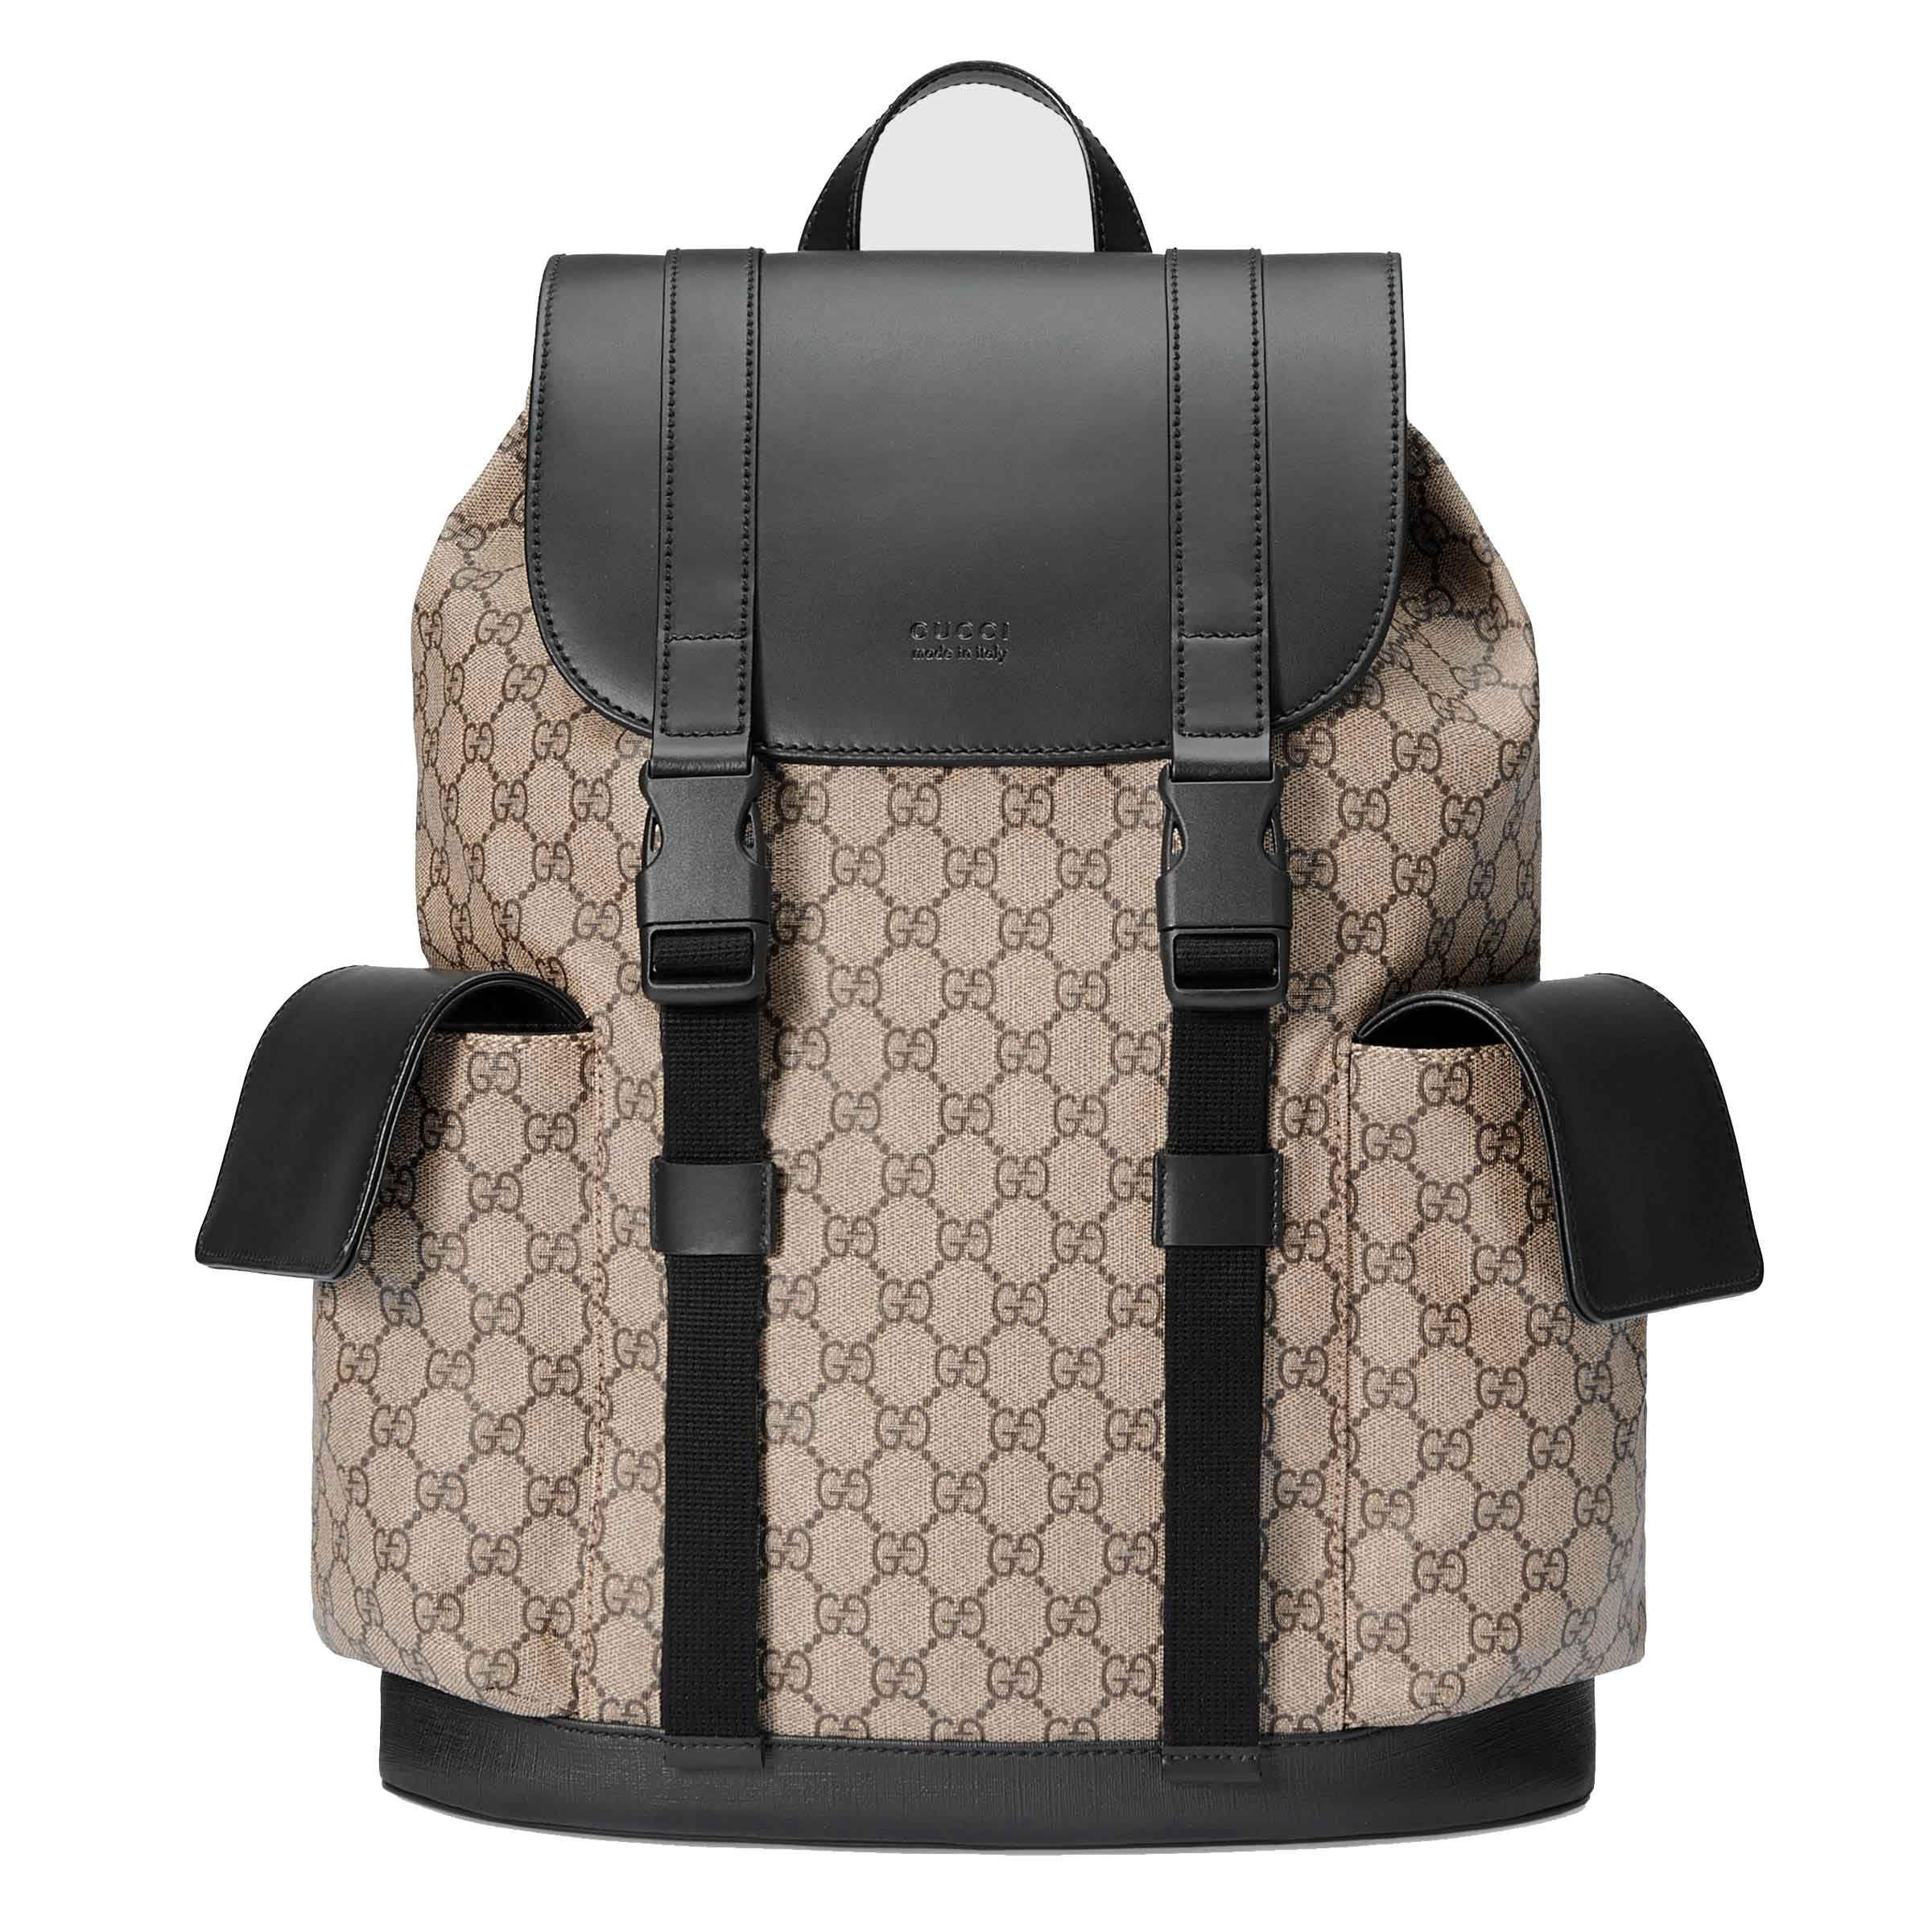 a1ac4fb5aee8 12 Best Backpacks for Men Fall 2018 - Best Men s Backpacks